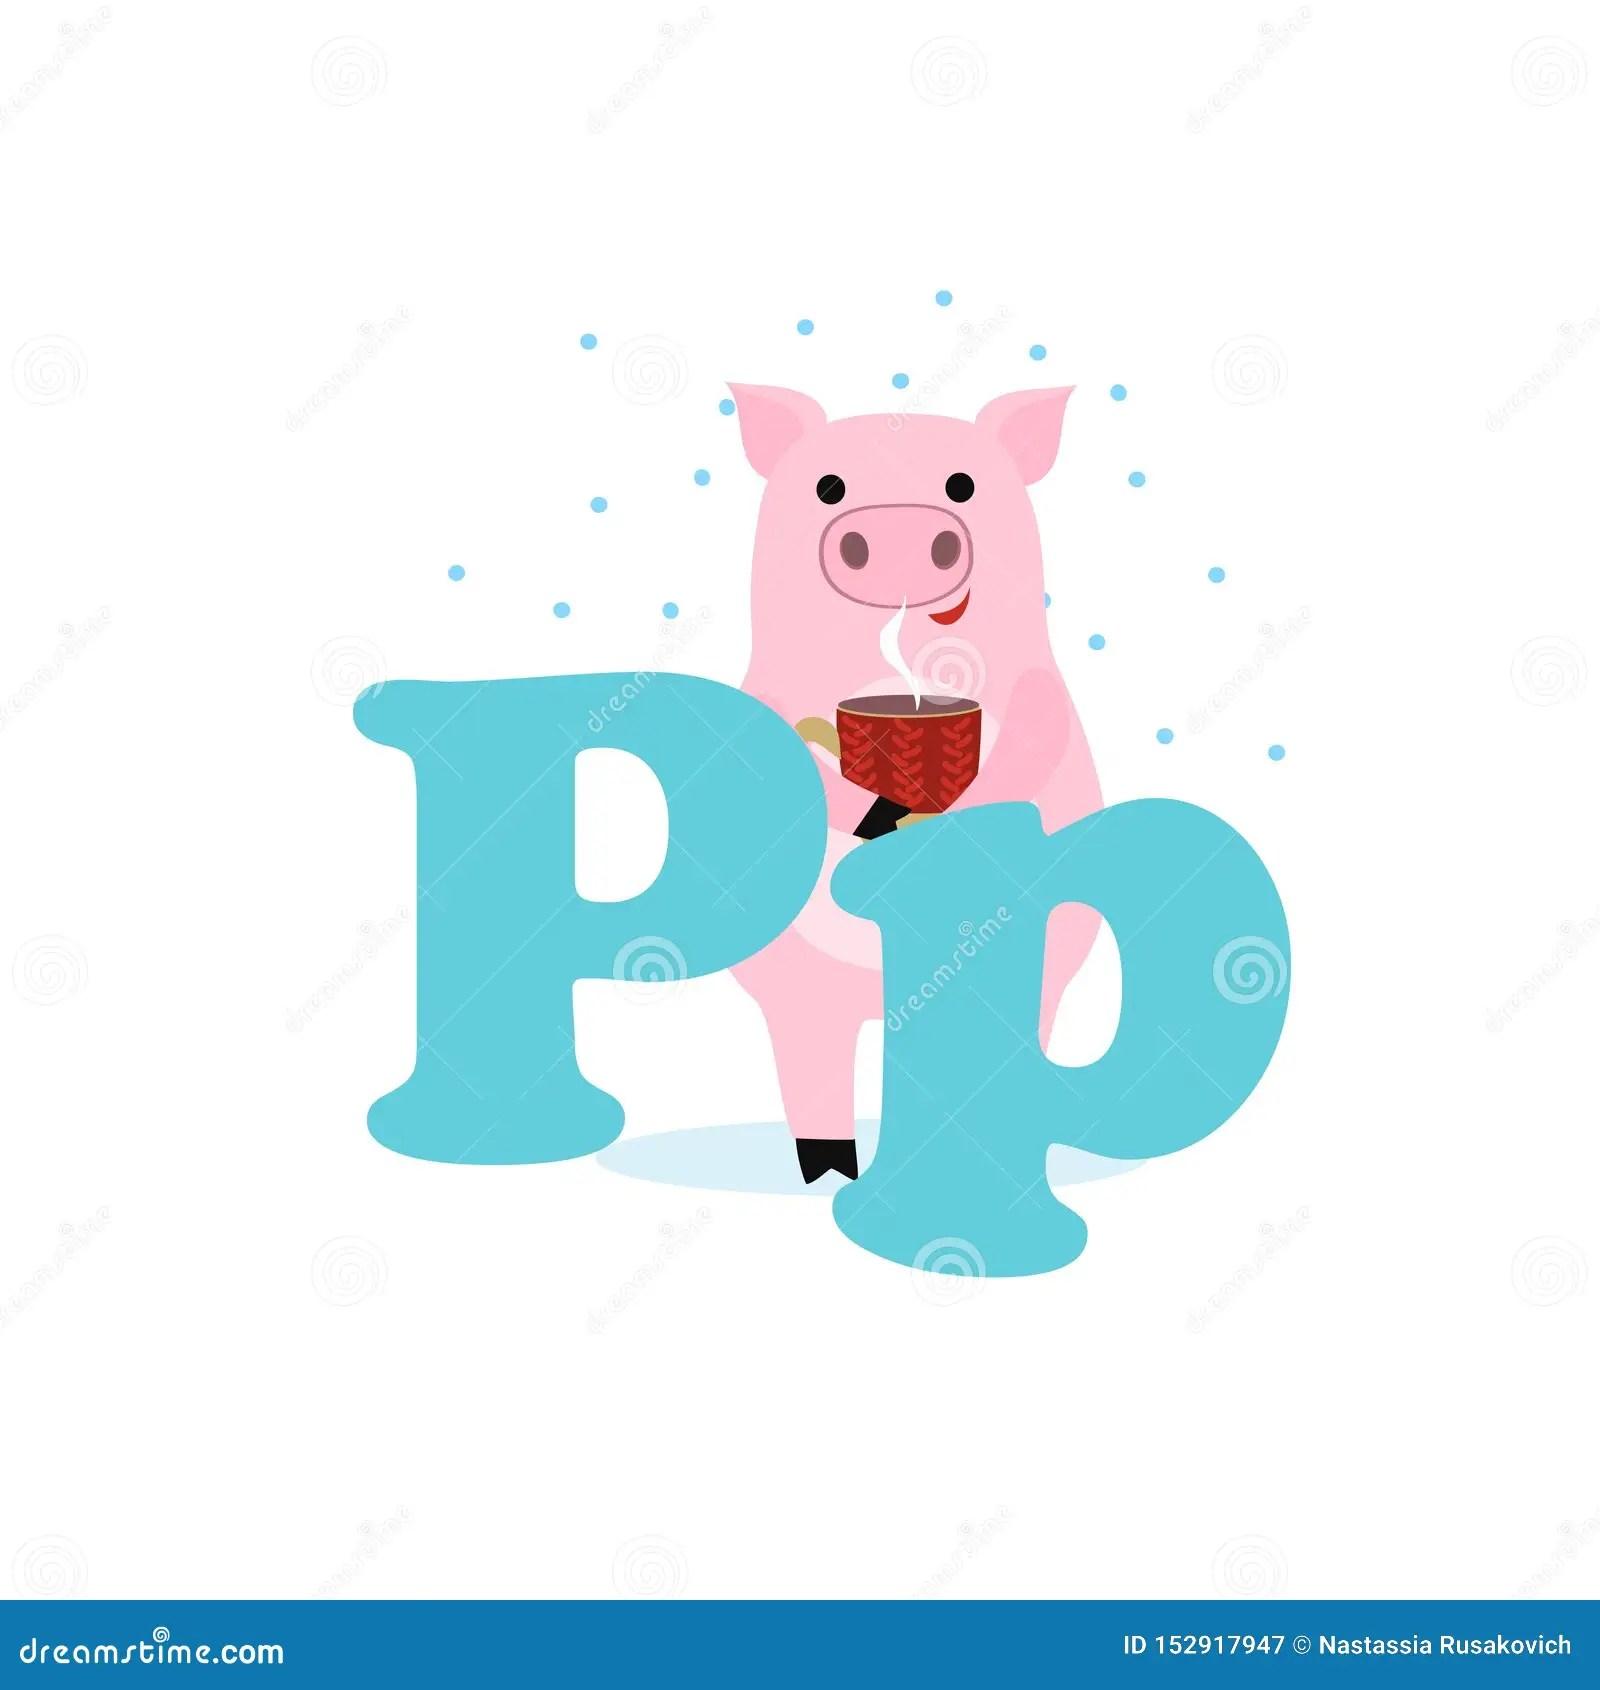 Alphabet For Children Letter P Pig Vector Illustration